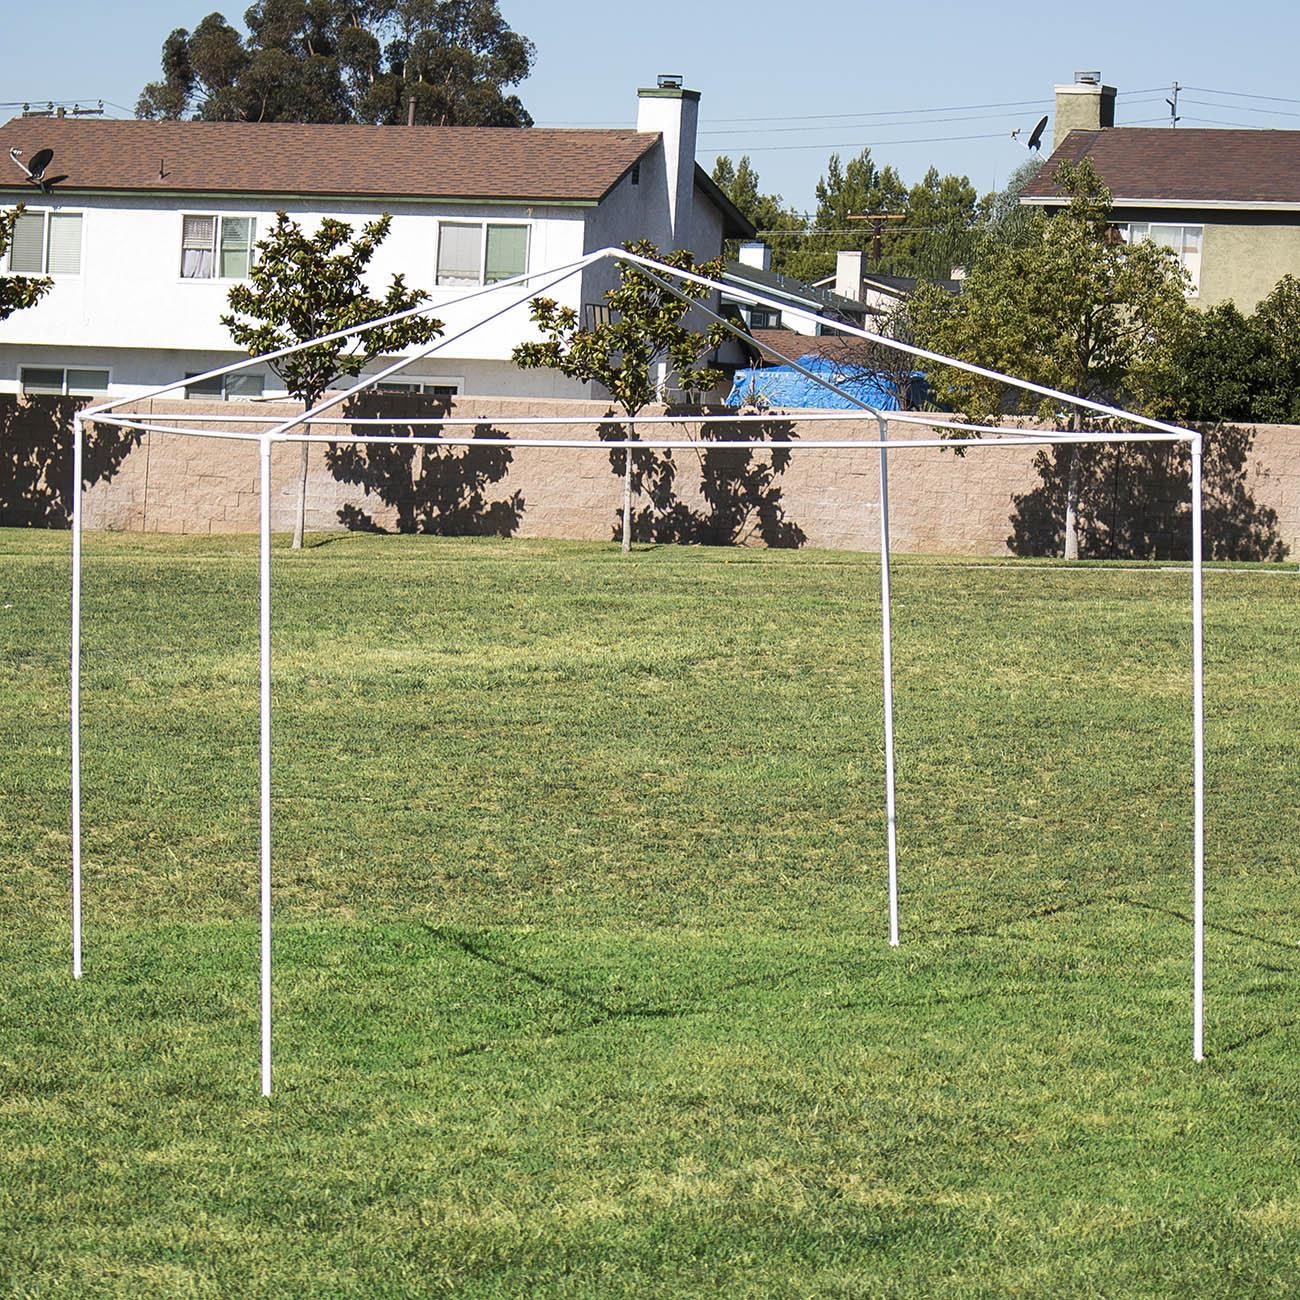 10 39 x10 39 outdoor canopy party wedding tent garden gazebo